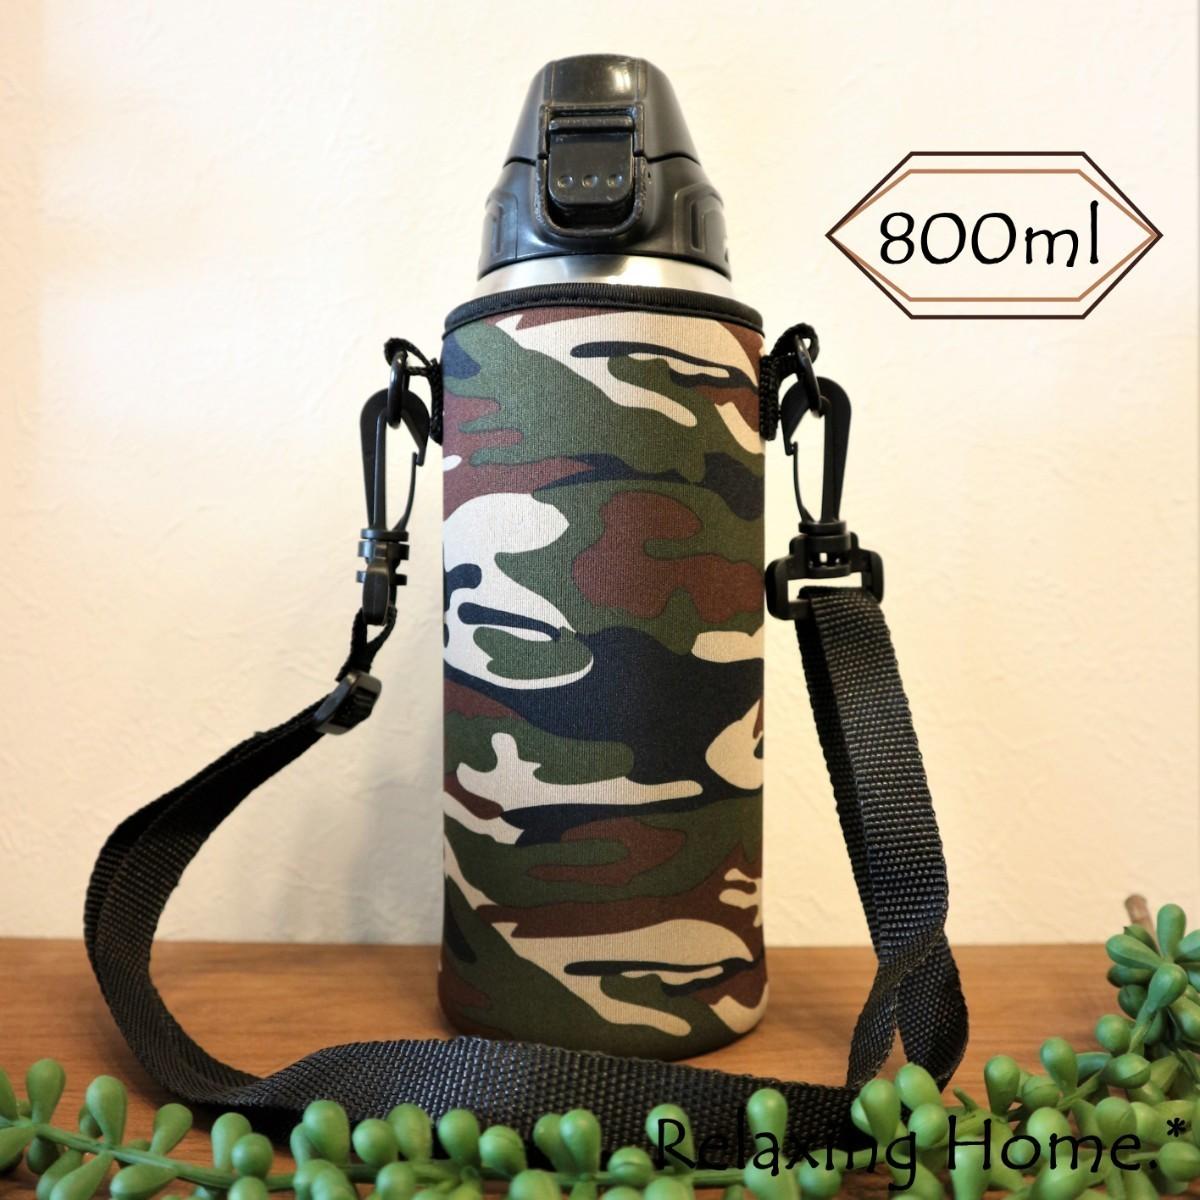 ★水筒カバー★800ml 水筒ケース ボトルカバー ショルダー付 ★C★